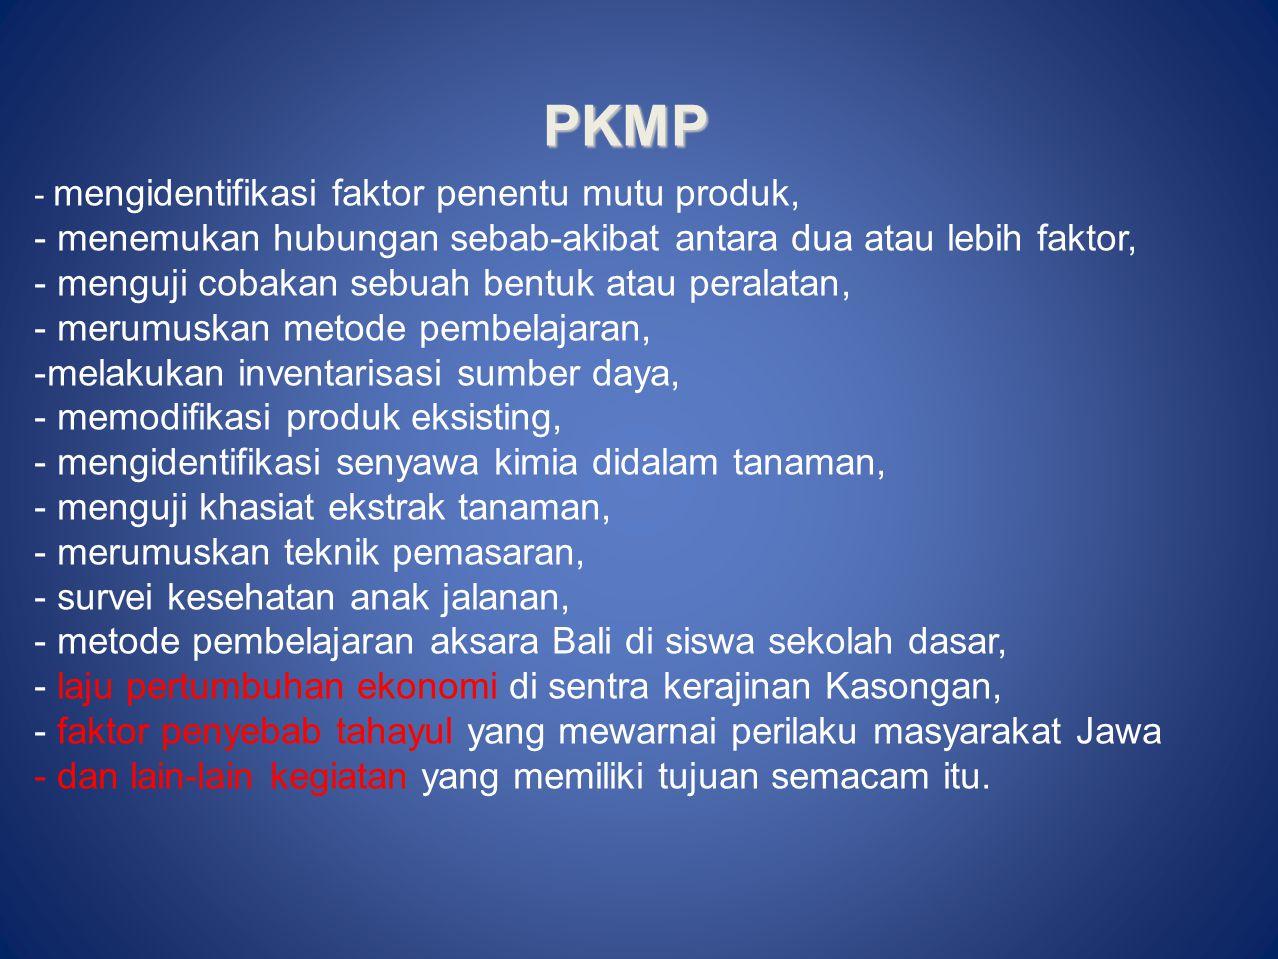 PKMP - menemukan hubungan sebab-akibat antara dua atau lebih faktor,